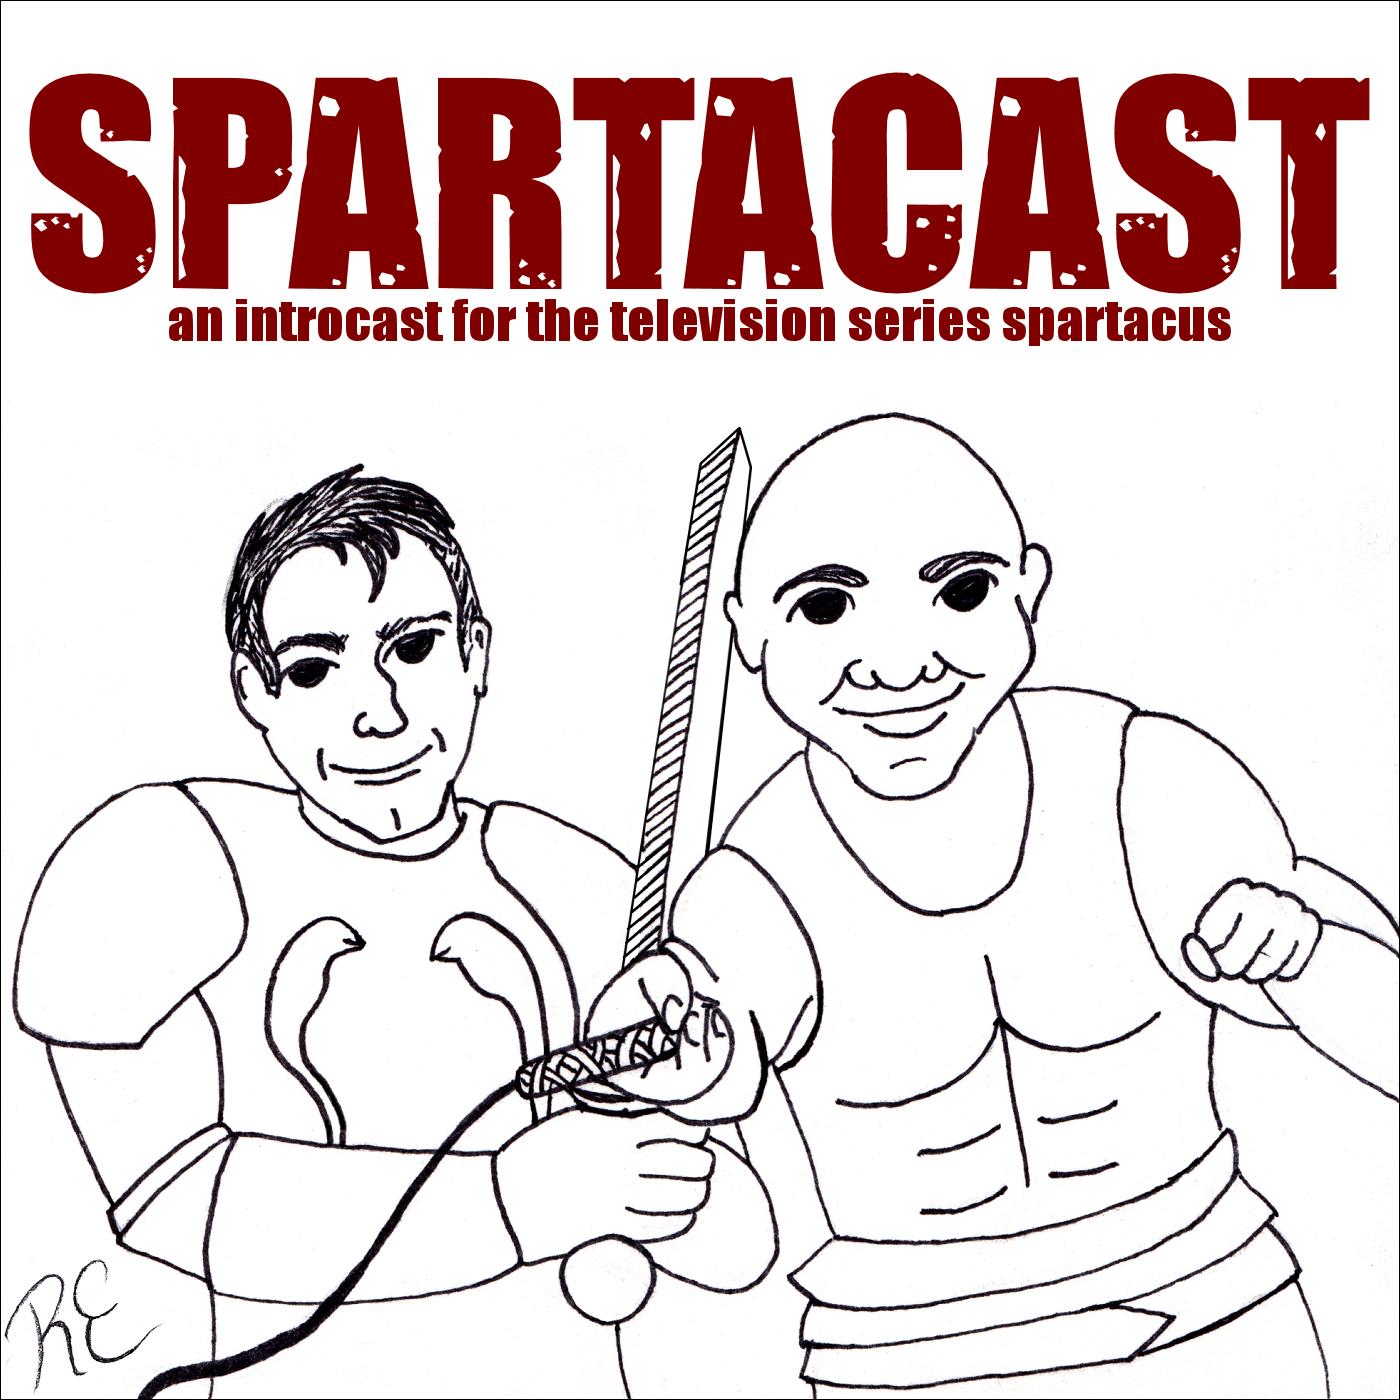 SpartaCast